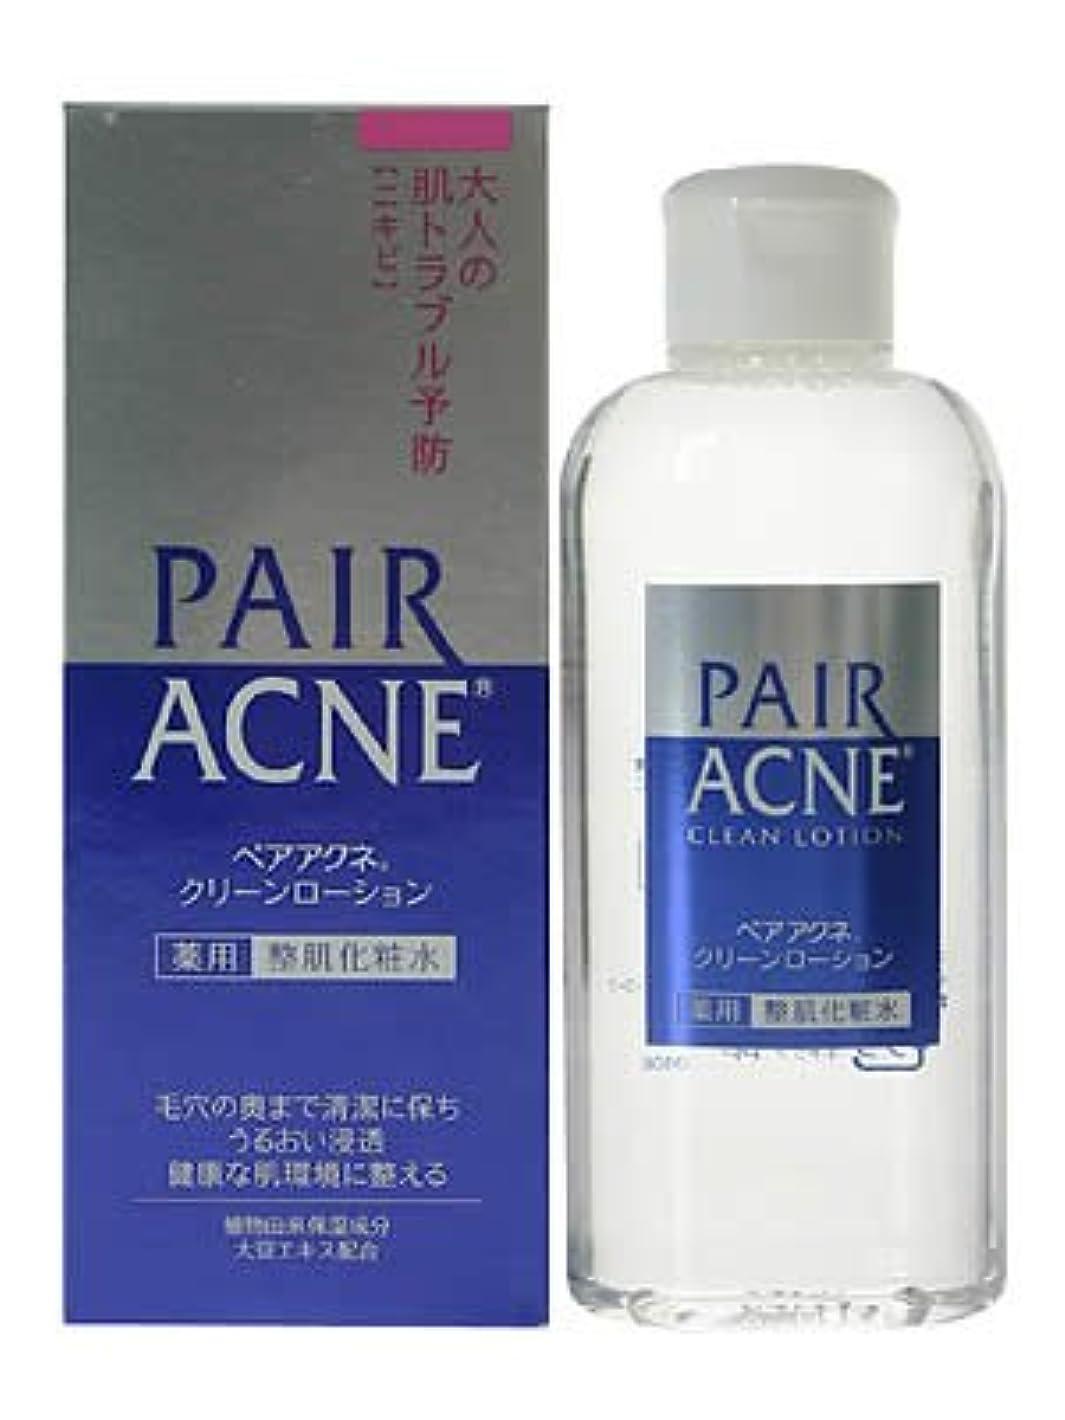 気分が良いブレイズ電気ペアアクネ クリーンローション 160ml (薬用整肌化粧水)